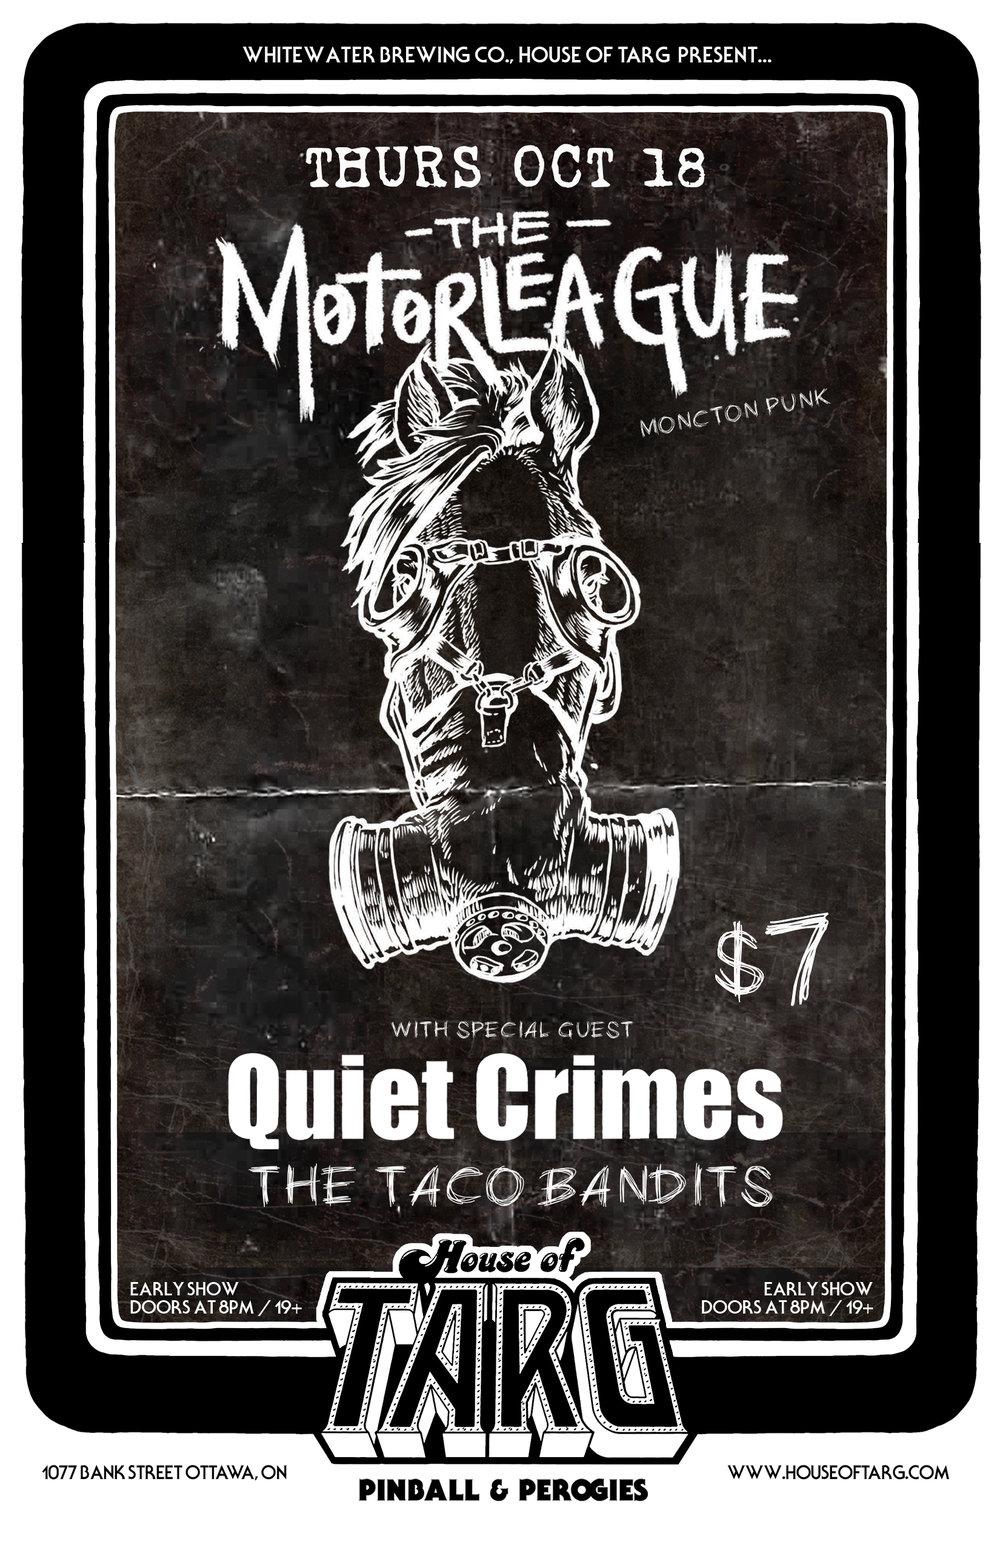 The Motorleague Thurs Oct 18 v2.jpg